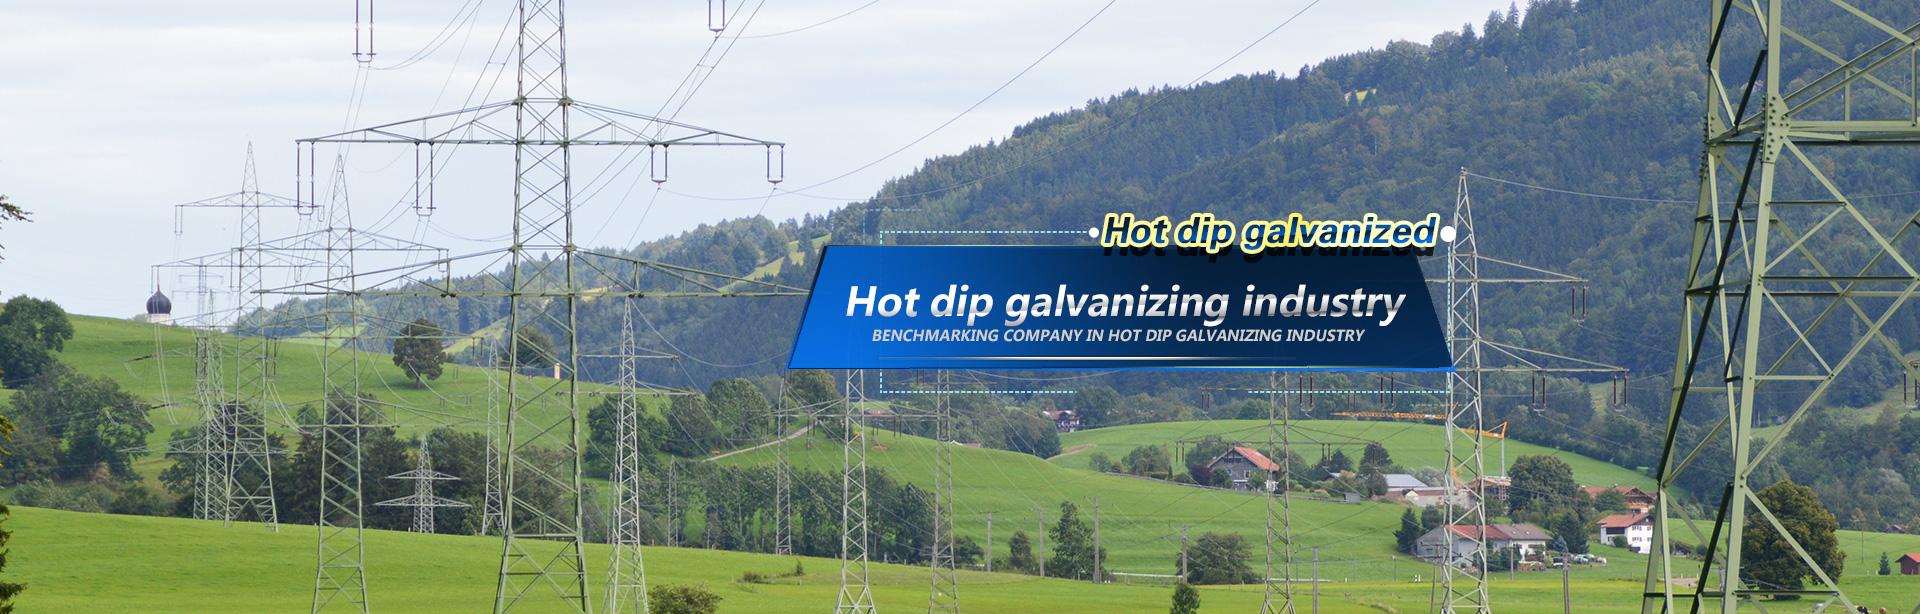 Hot-dip galvanizer